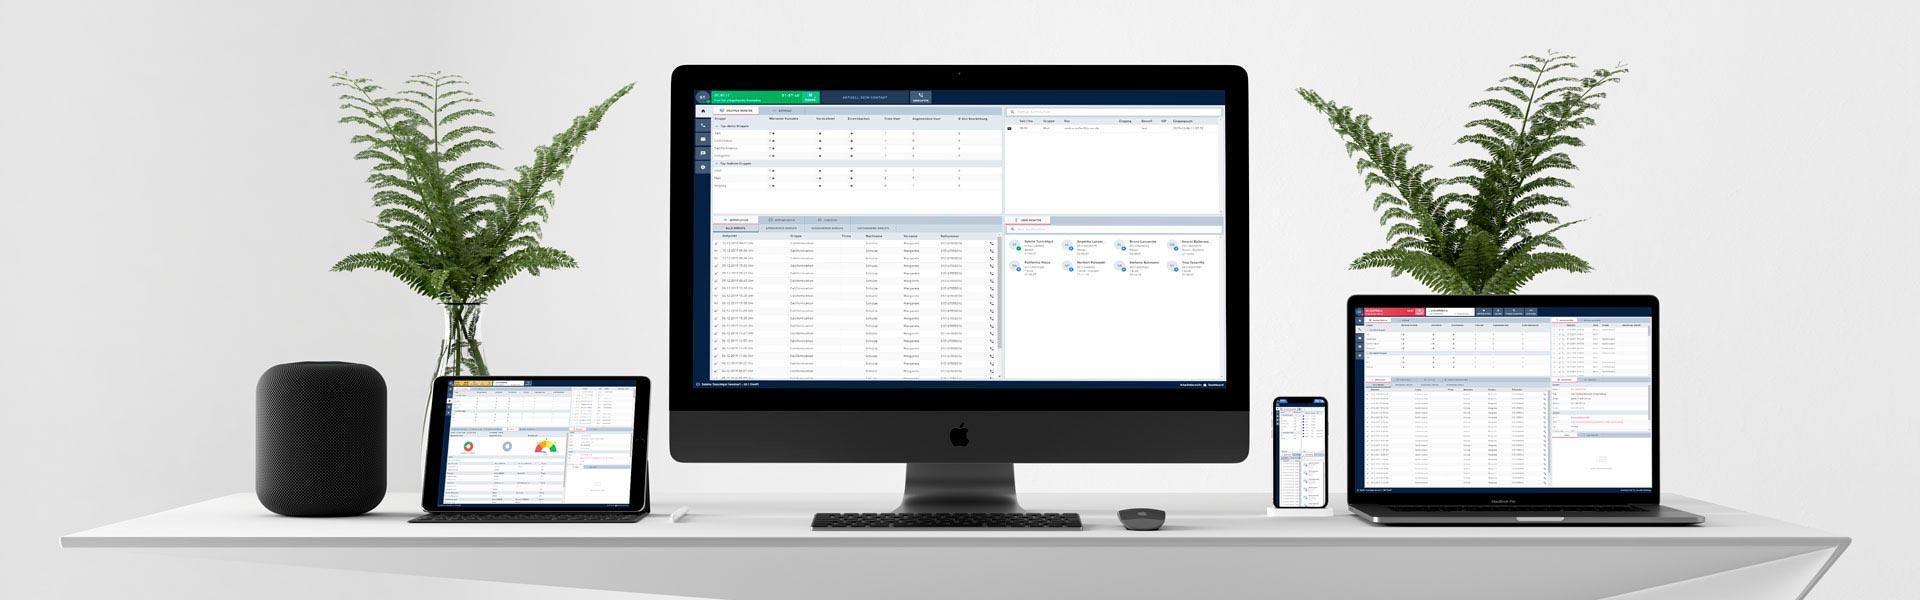 Contact Center Software als modulare Komplettlösung